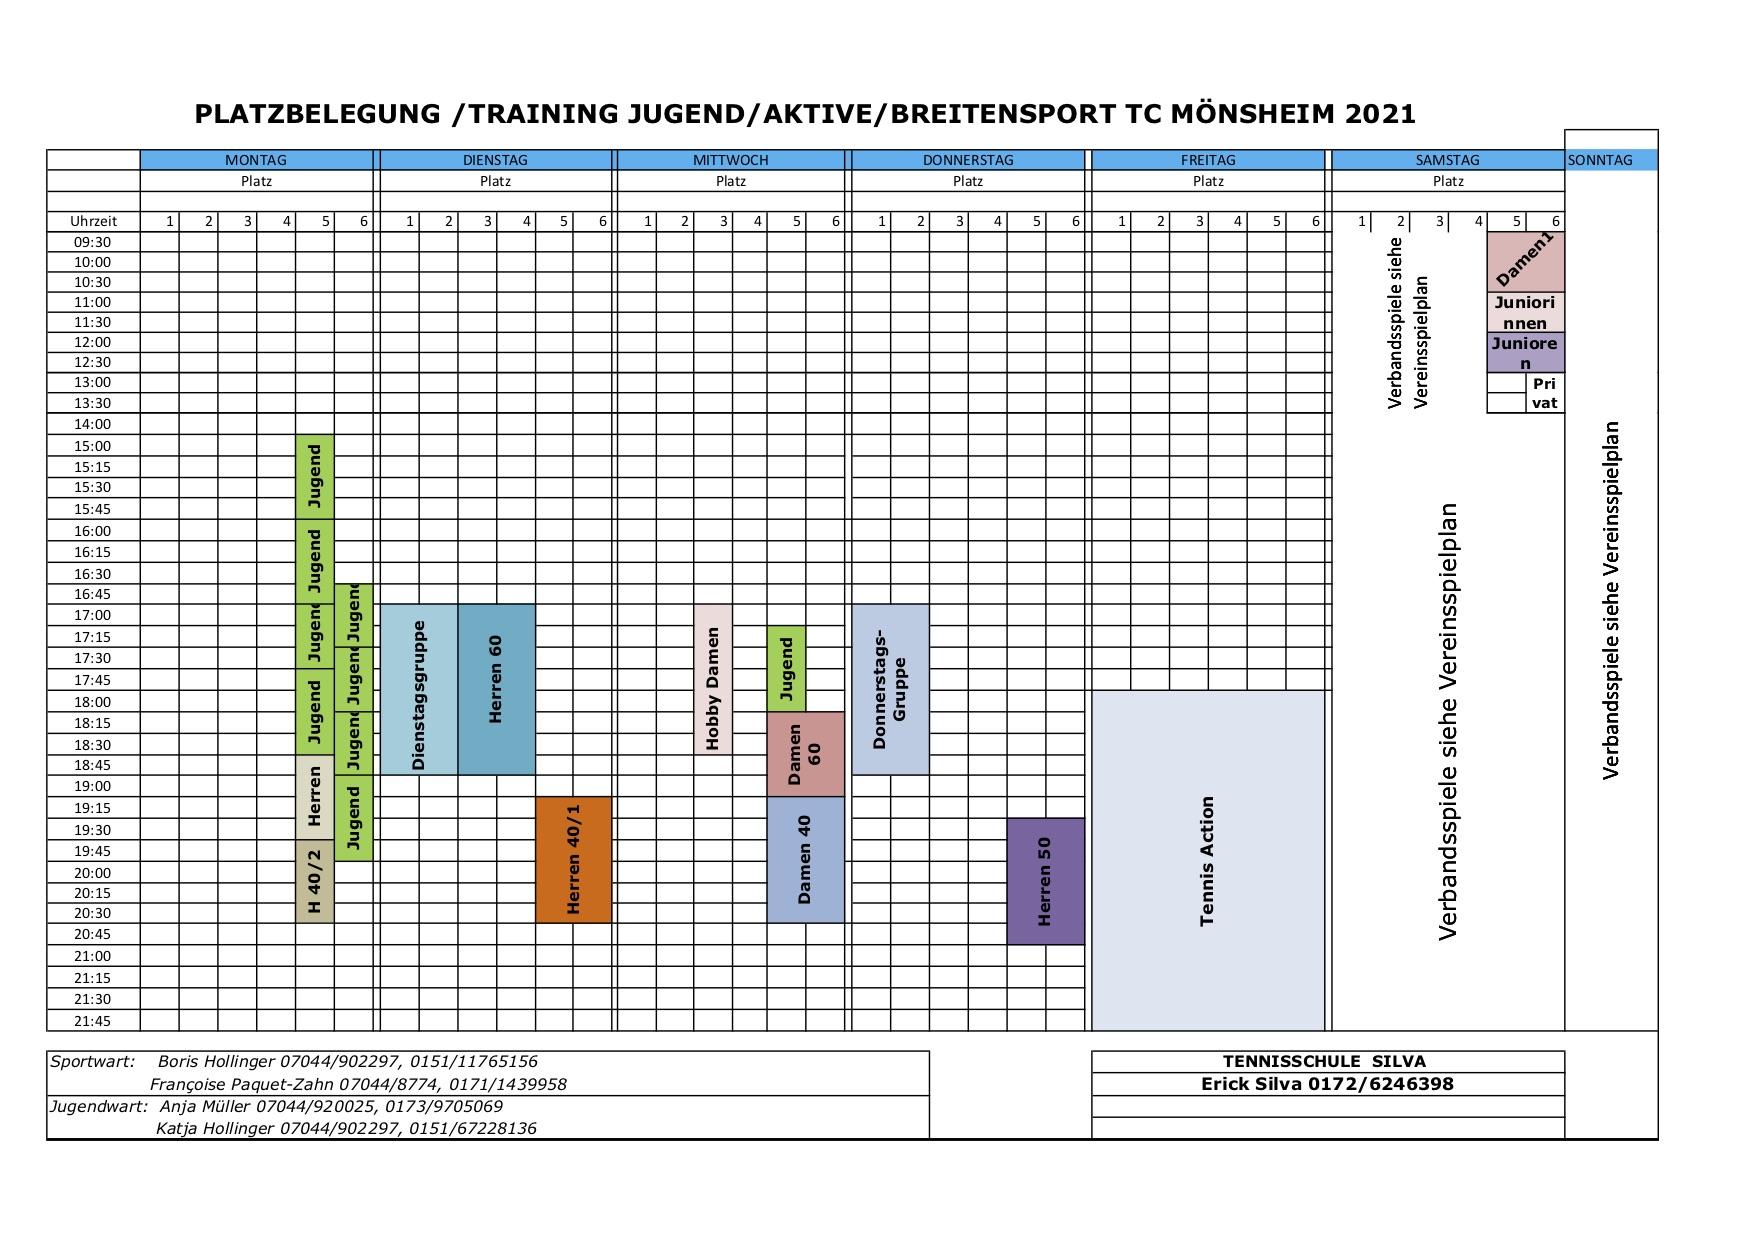 TCM Platzbelegungsplan 2021